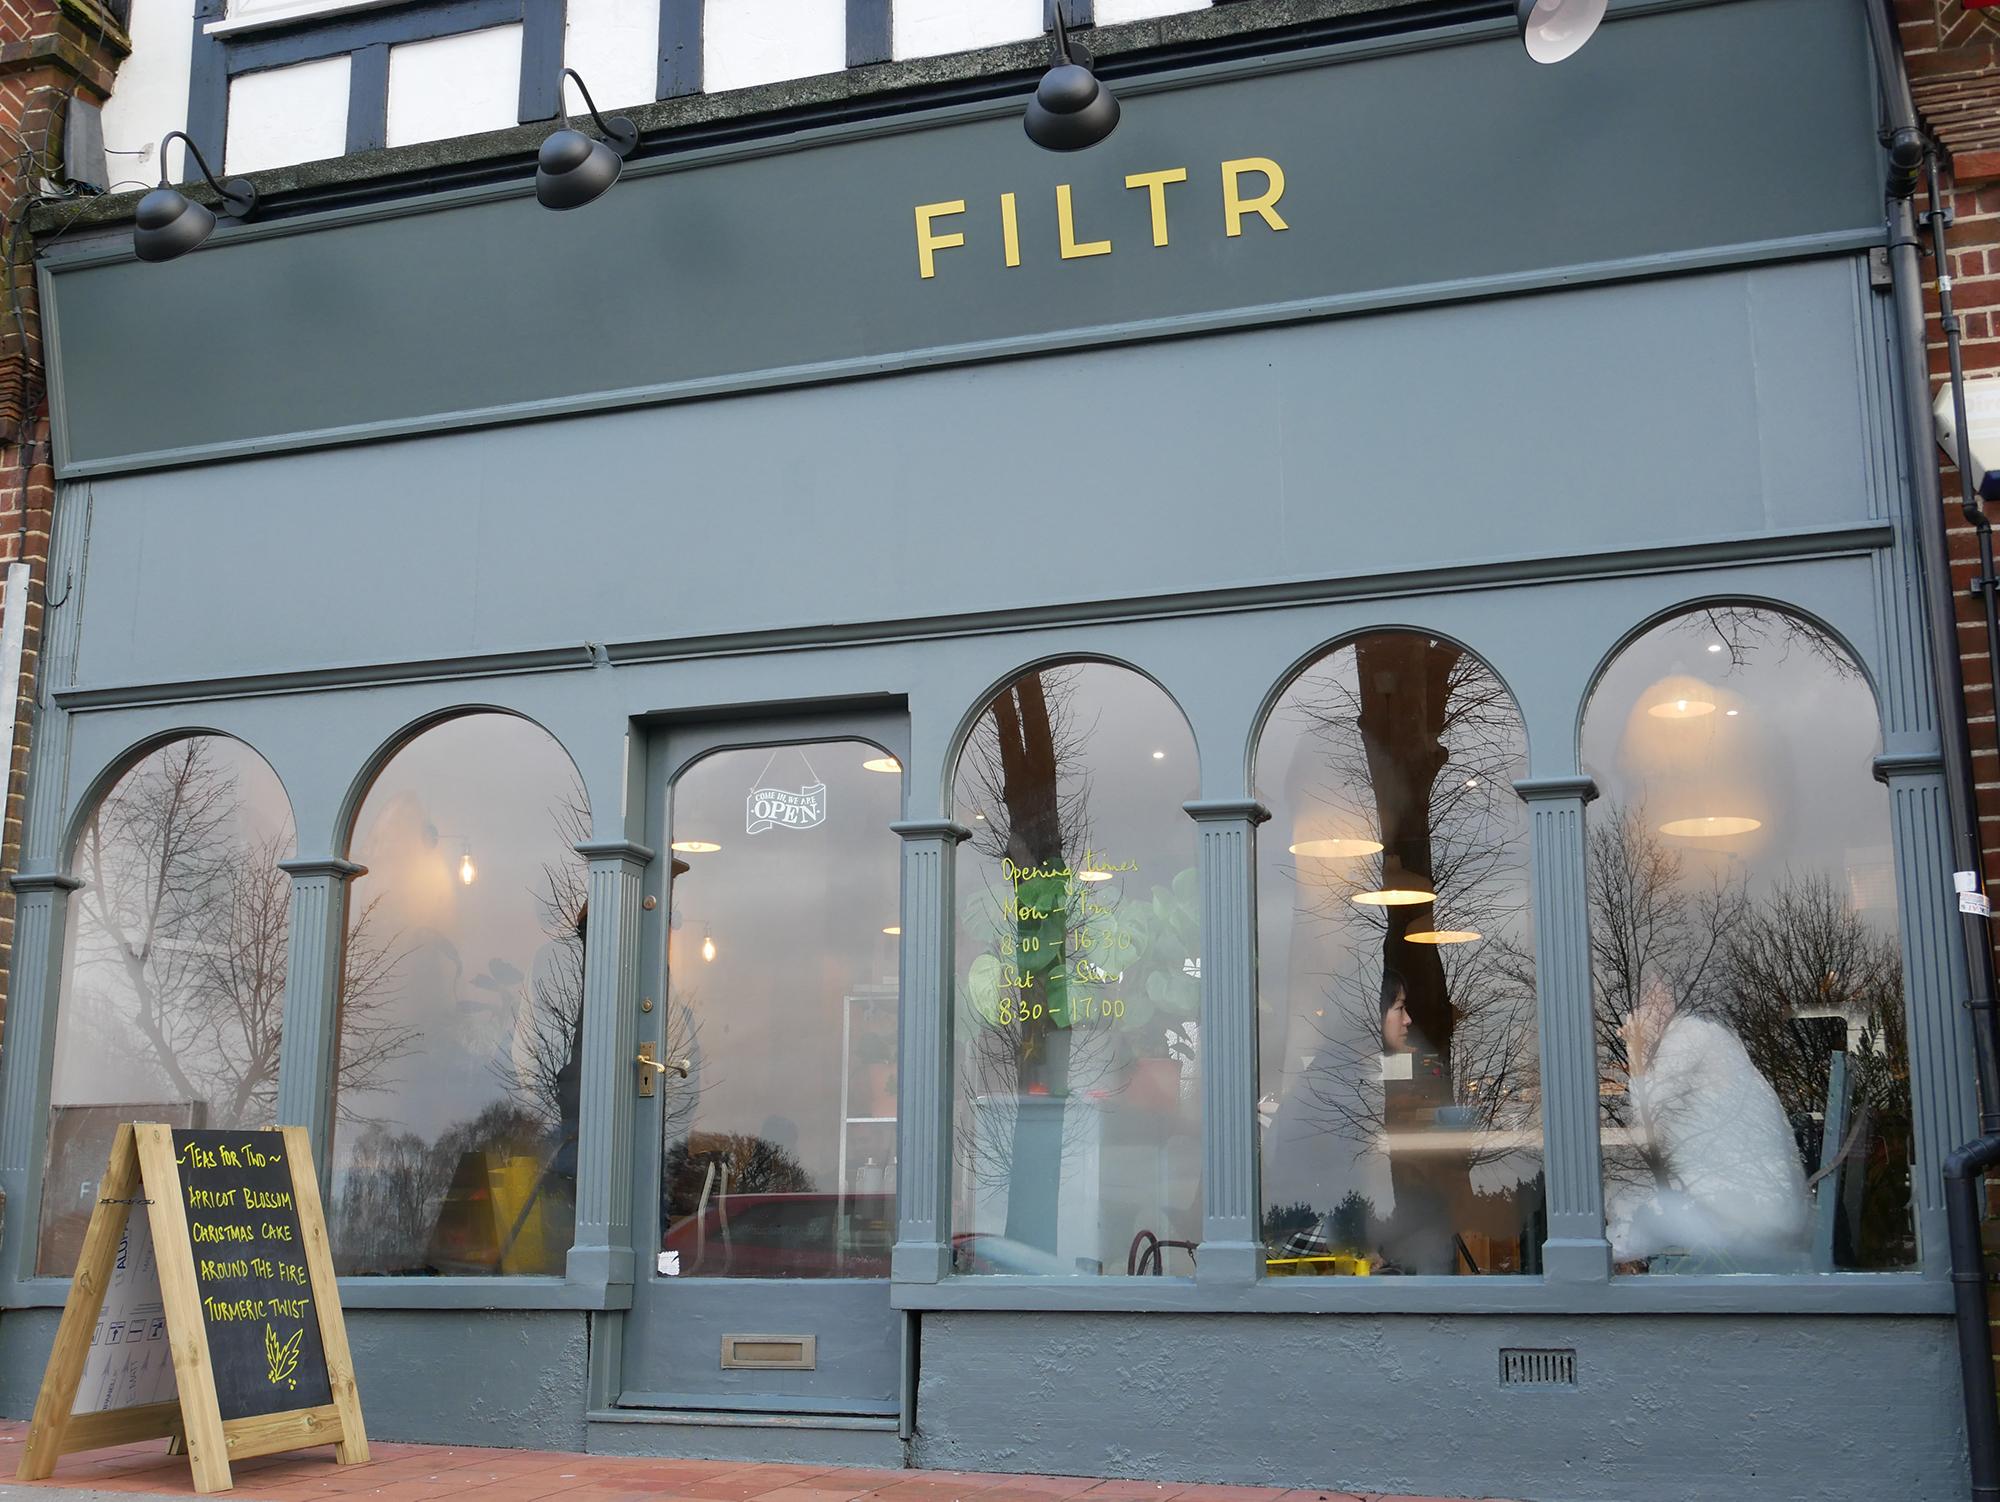 FILTR by Coromandel Coast Image